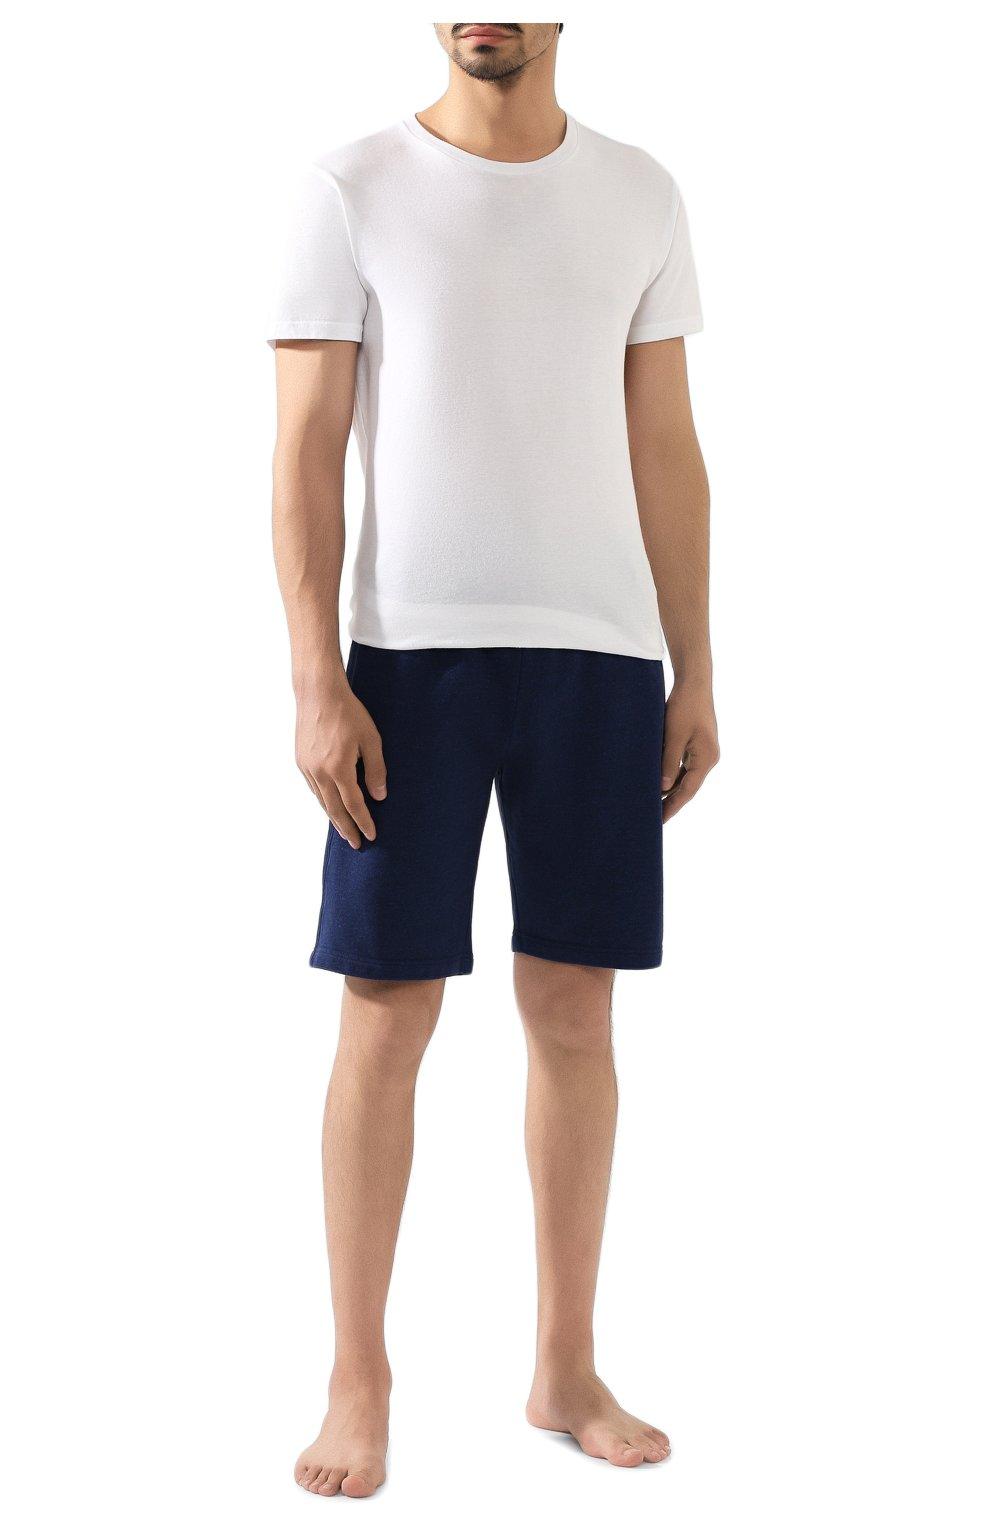 Мужские хлопковые шорты DEREK ROSE темно-синего цвета, арт. 9300-DEV0001   Фото 2 (Длина Шорты М: До колена; Принт: Без принта; Кросс-КТ: Трикотаж; Материал внешний: Хлопок; Стили: Спорт-шик)